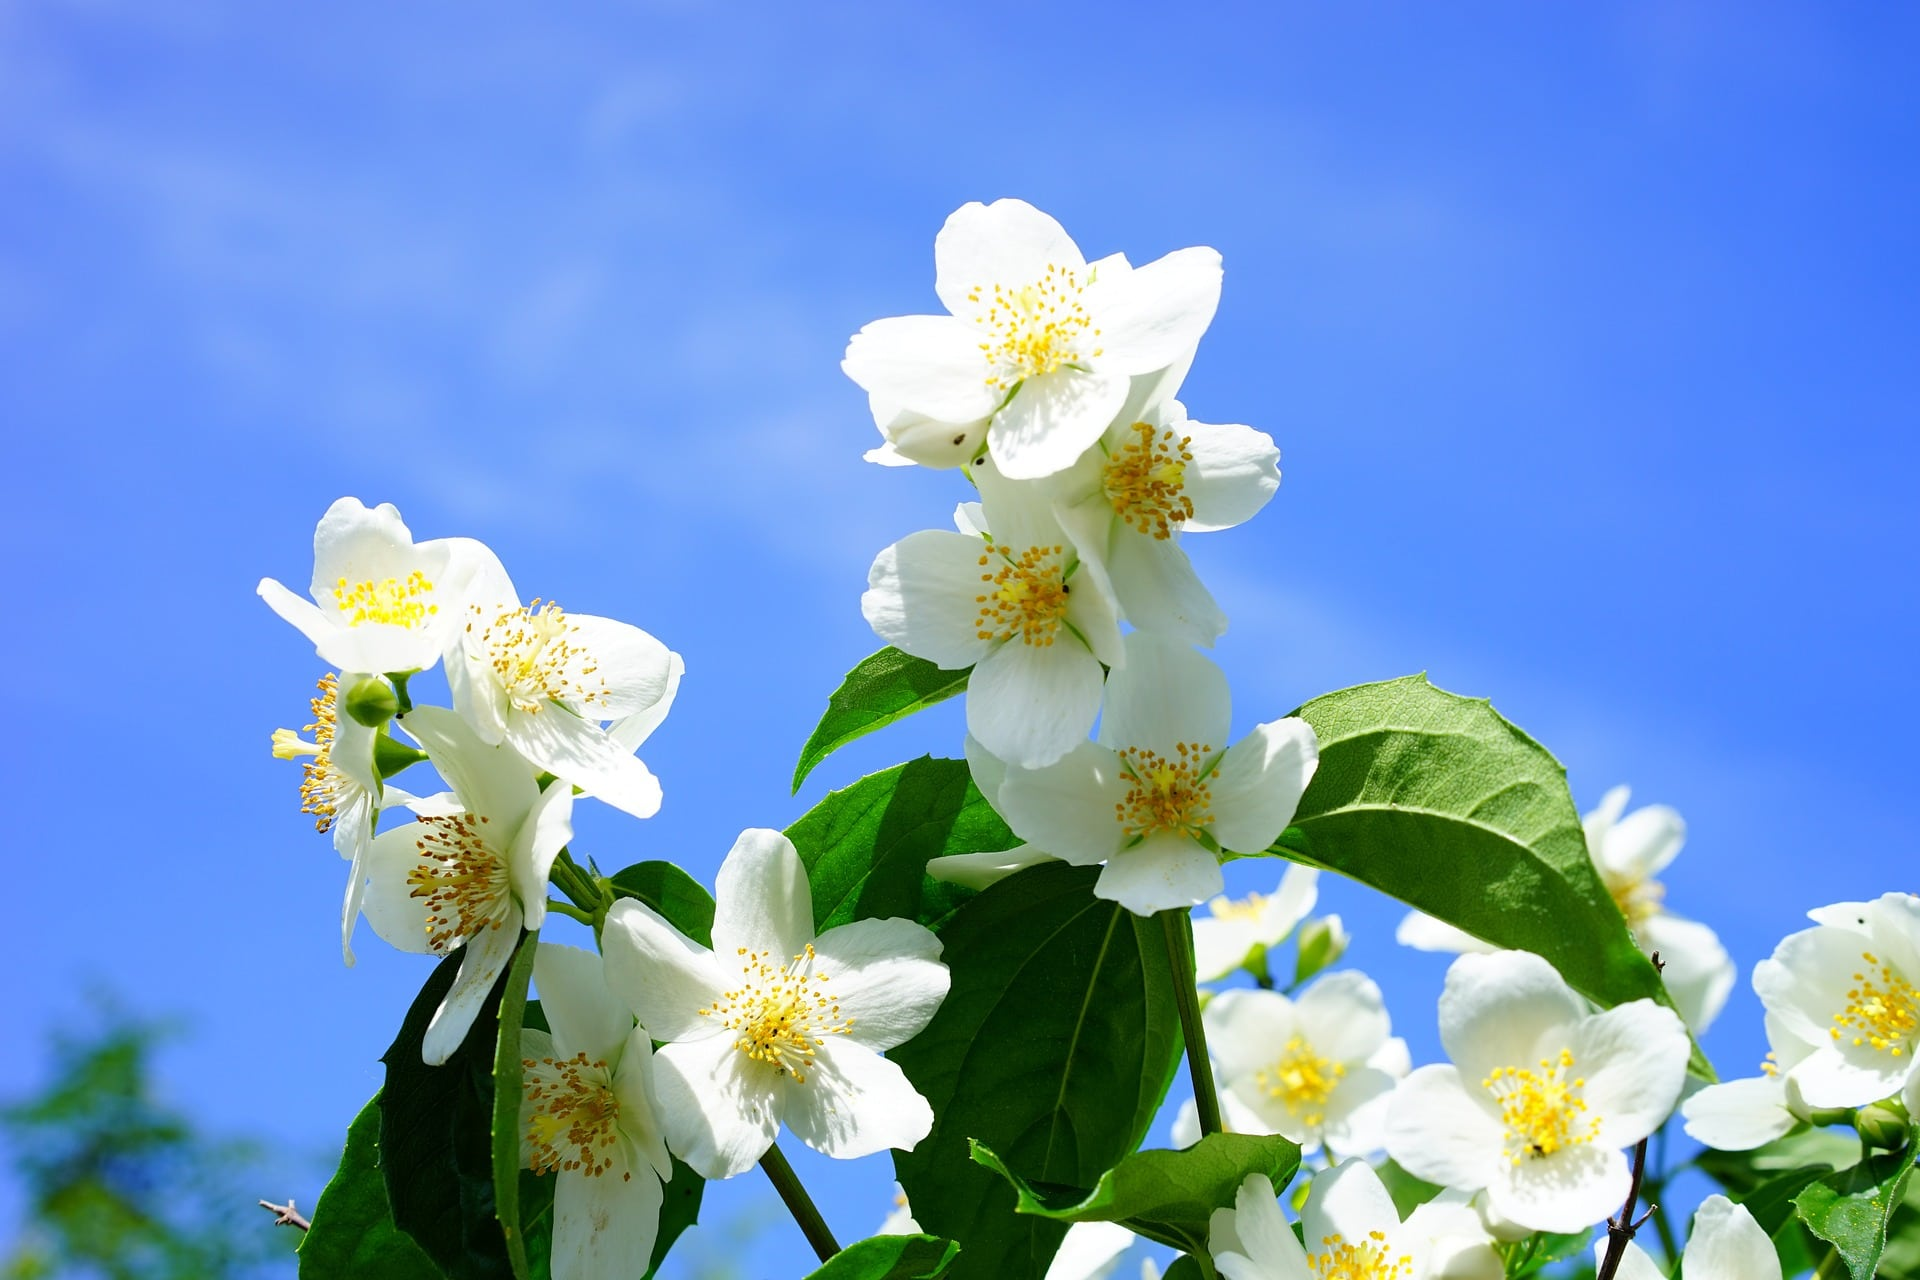 Jasminblüten sind ein asitatisches Hausmittel